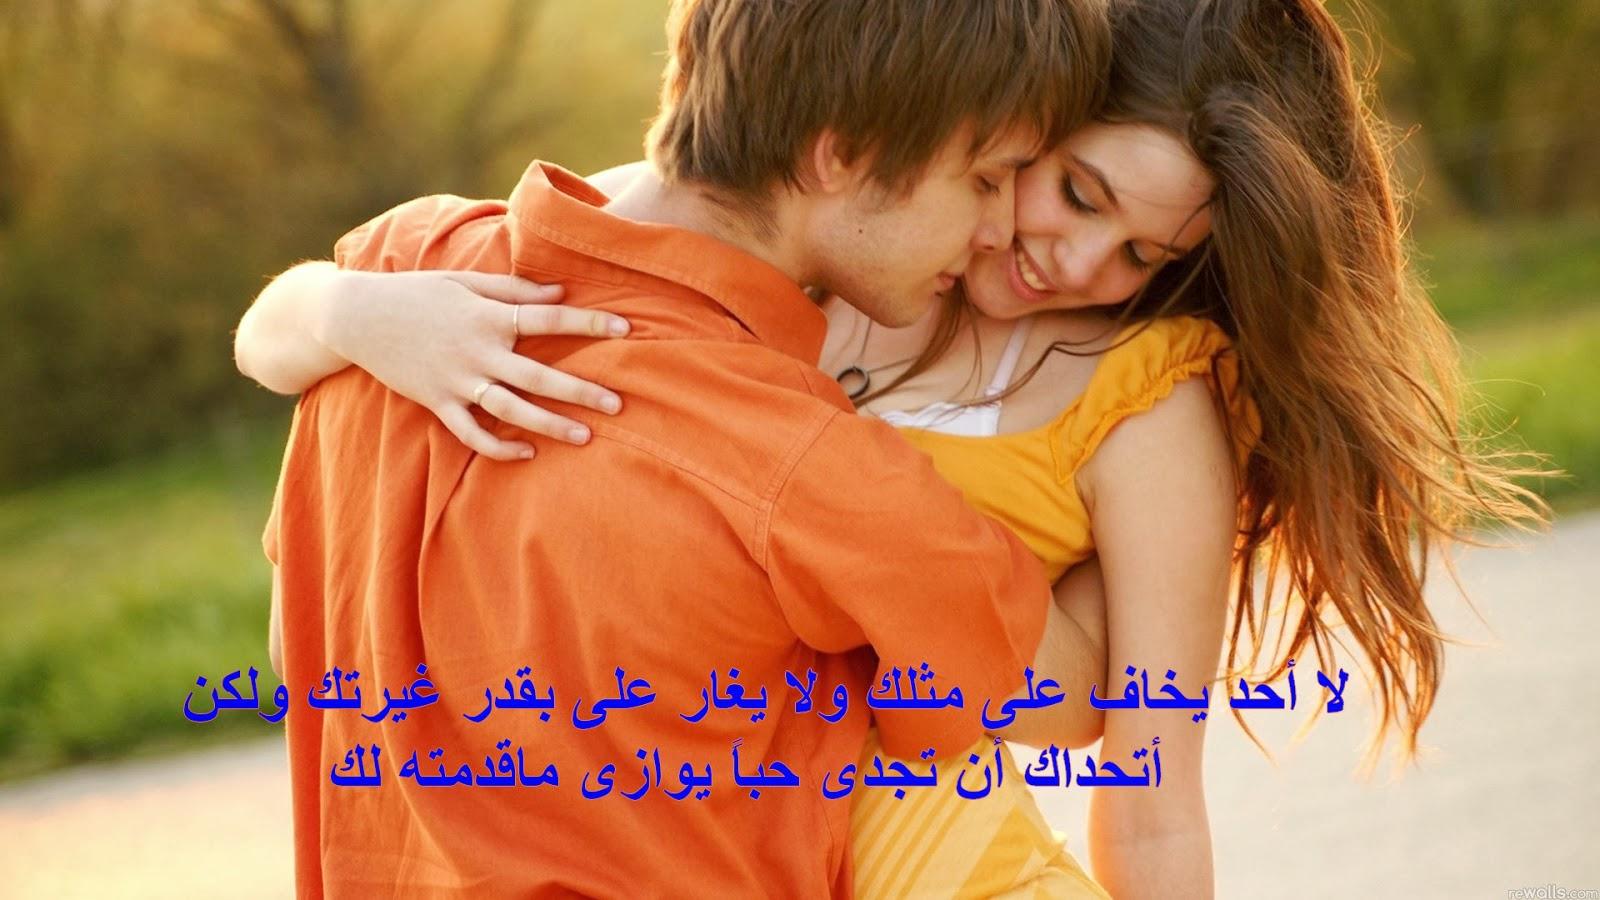 بالصور صور مكتوب عليها كلام رومانسي , اجمل صور مكتوب عليها كلام حب 3322 3